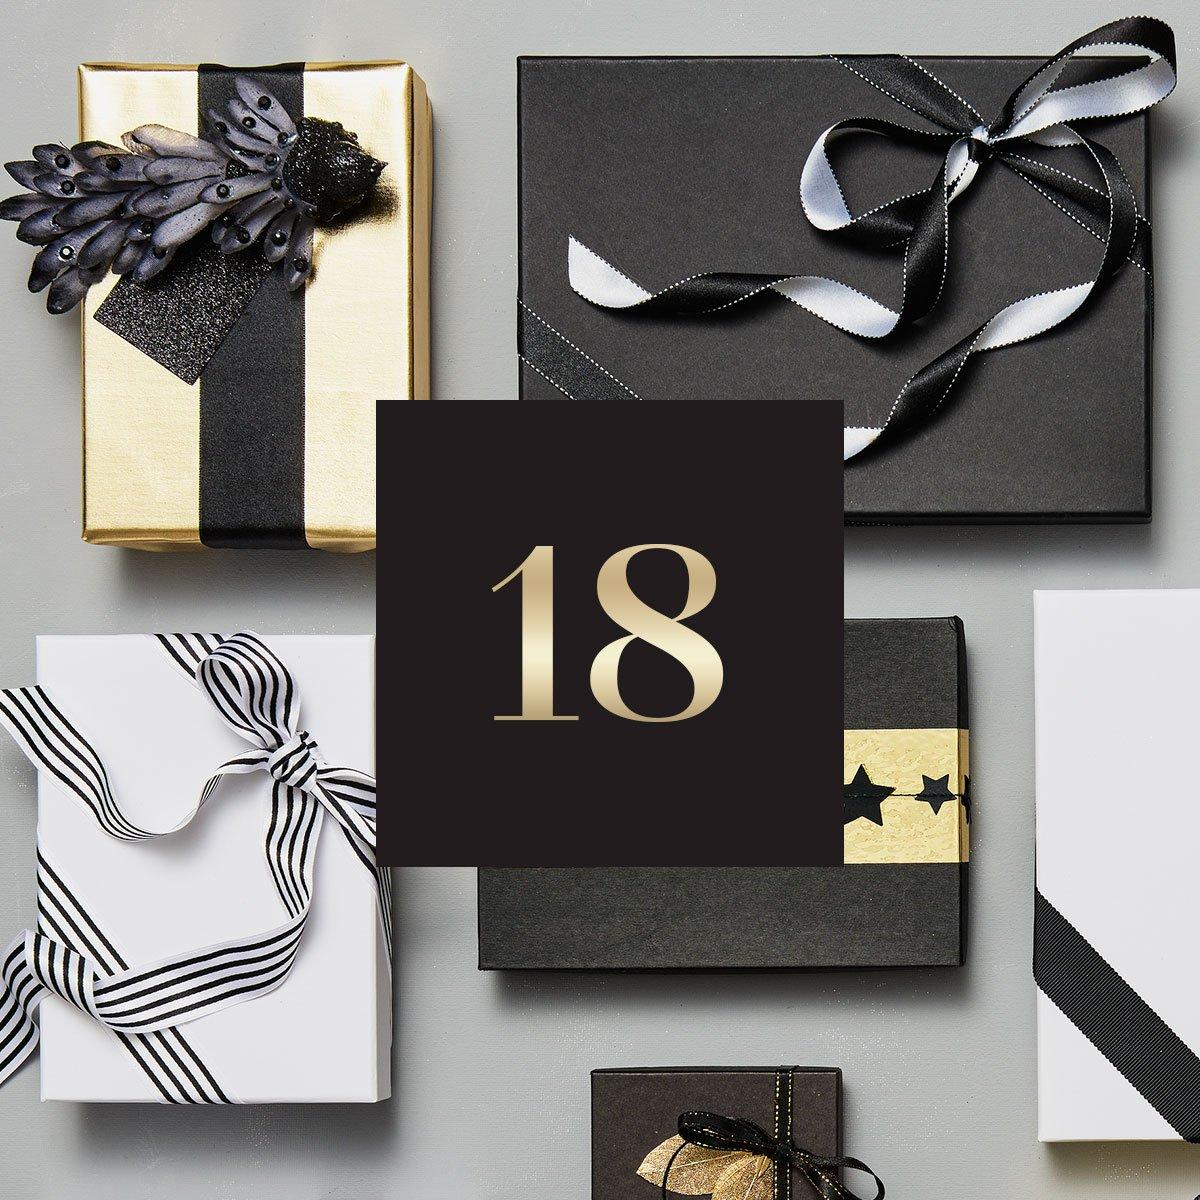 🔔 H&M CLUB Julekalender - 18. december 🔔 I dag har du brug for lidt held 🍀 Dagens julekalenderlåge byder nemlig på en julekonkurrence. Deltag via H&M-appen i dag. Der er 5 heldige vindere 🎁 https://t.co/cNQxRyARyk